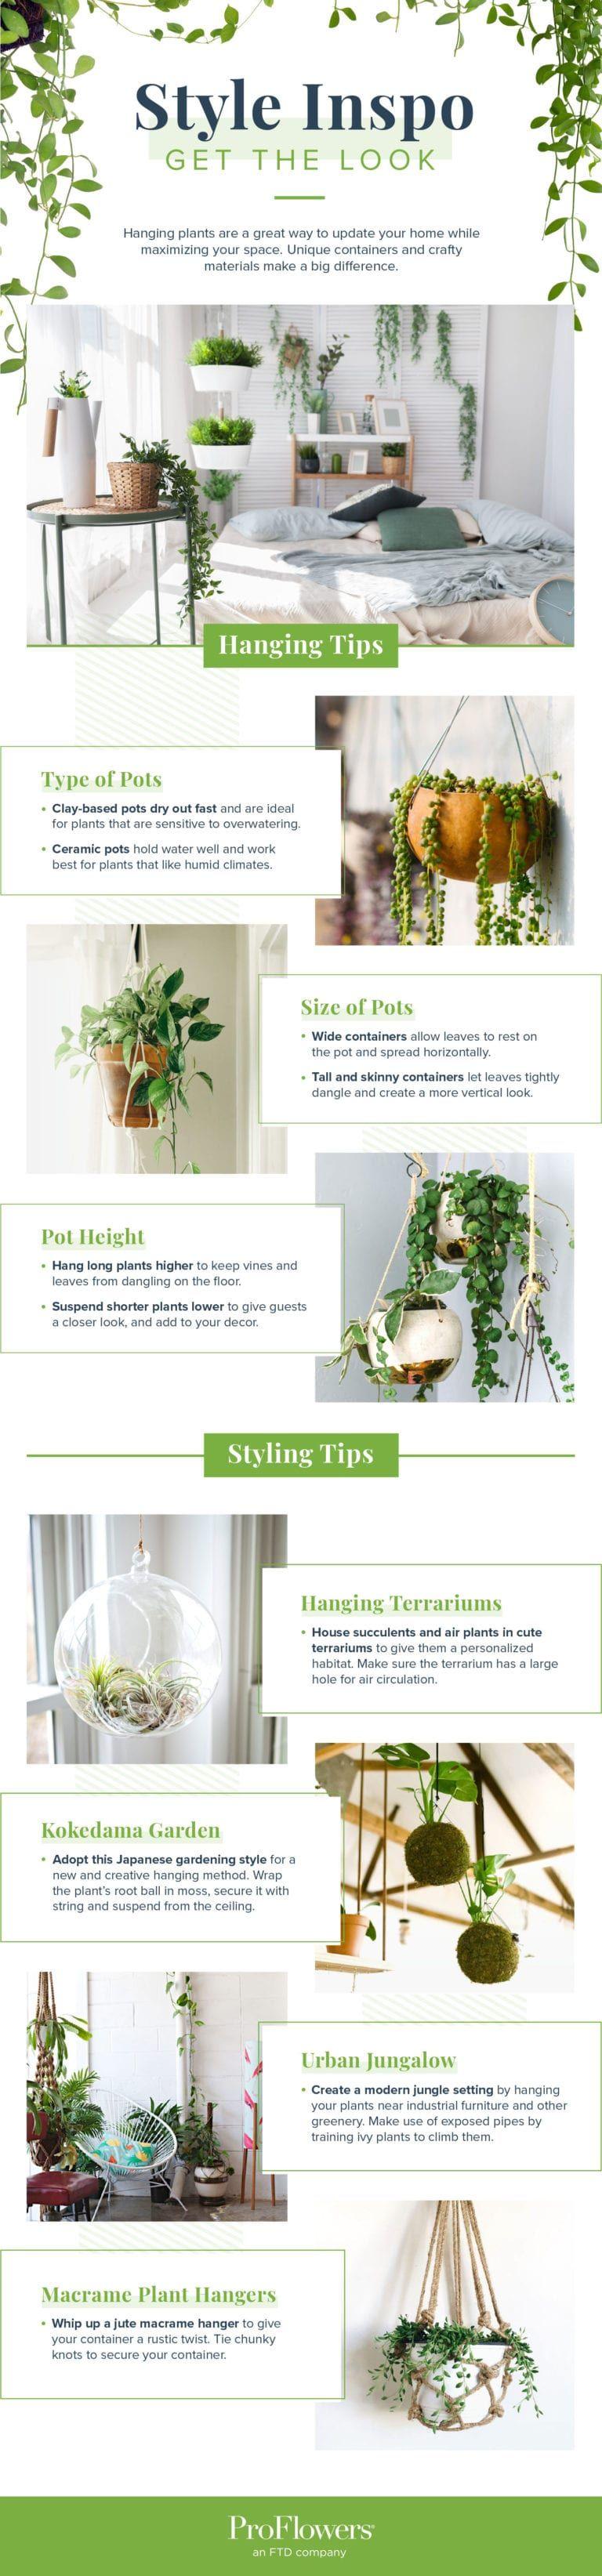 16 Indoor Hanging Plants to Decorate Your Home #hangingplantsindoor